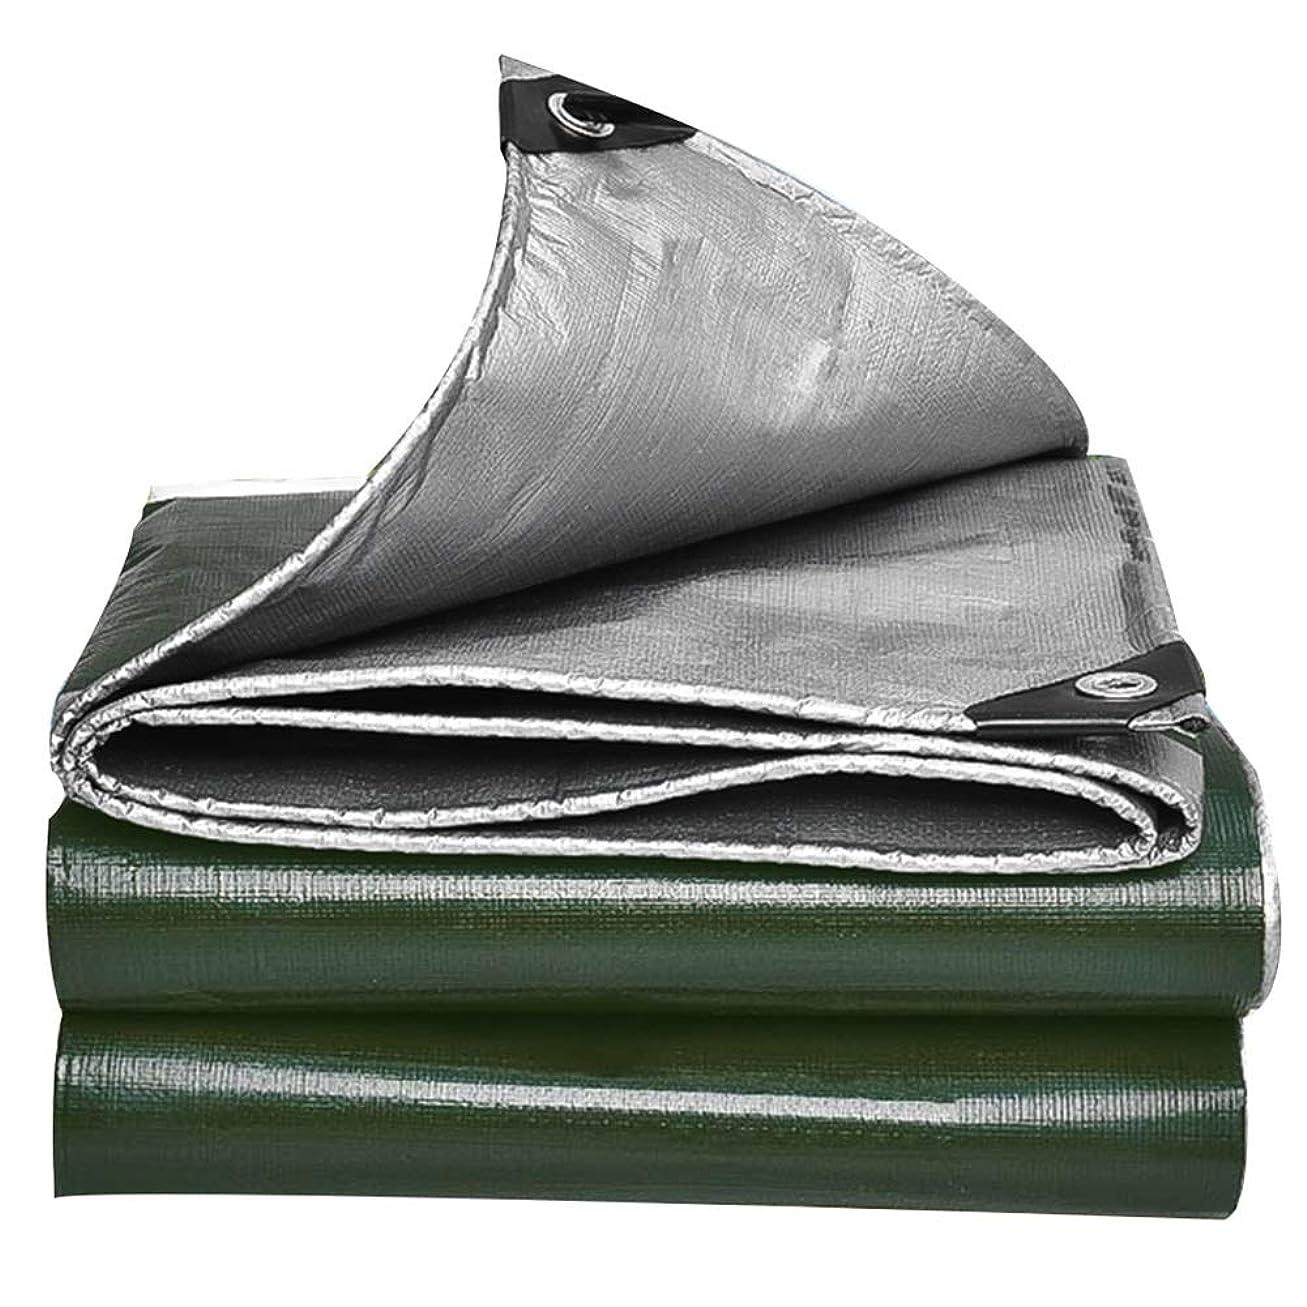 回転共同選択幸運なFQJYNLY ターポリンタープ防水シート防風保持温度鉱山倉庫アウトドア、ポリエチレン、15サイズ (Color : Green, Size : 3.8x4.8m)